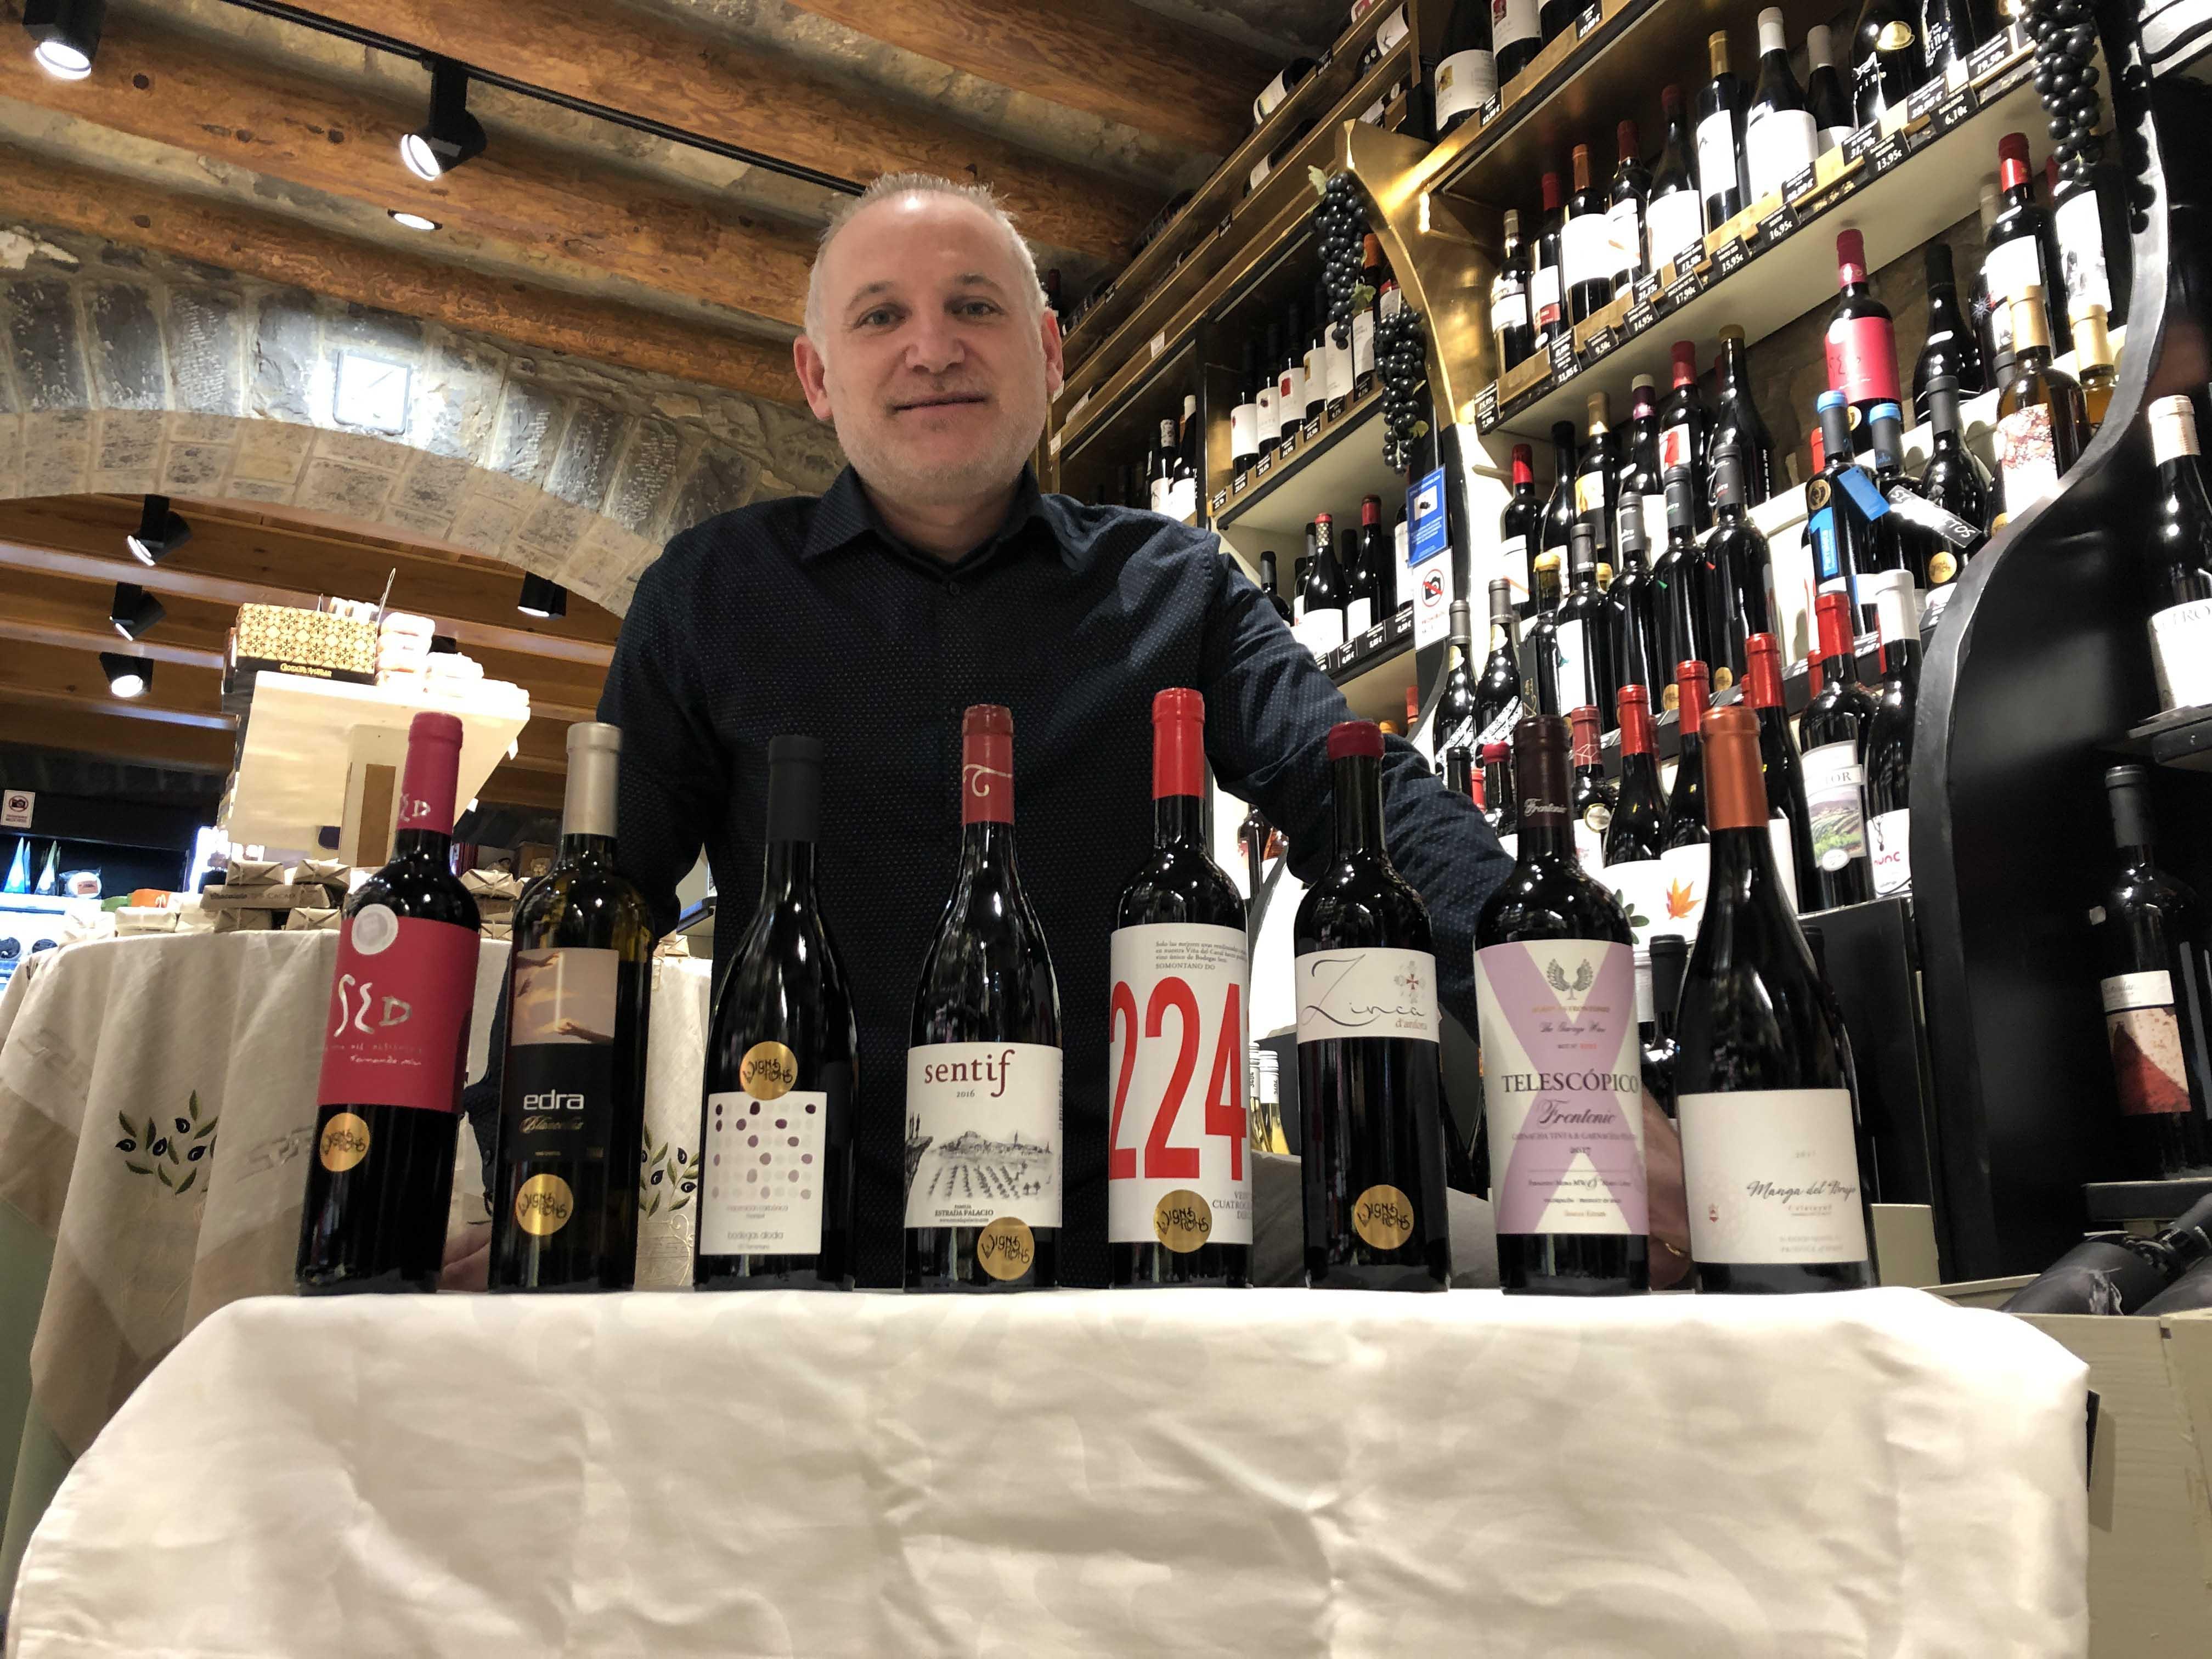 Un total de 32 vinos Vignerons de Huesca y dos de los Master of Wine Fernando Mora y Norrel Robertson componen la carta 2020